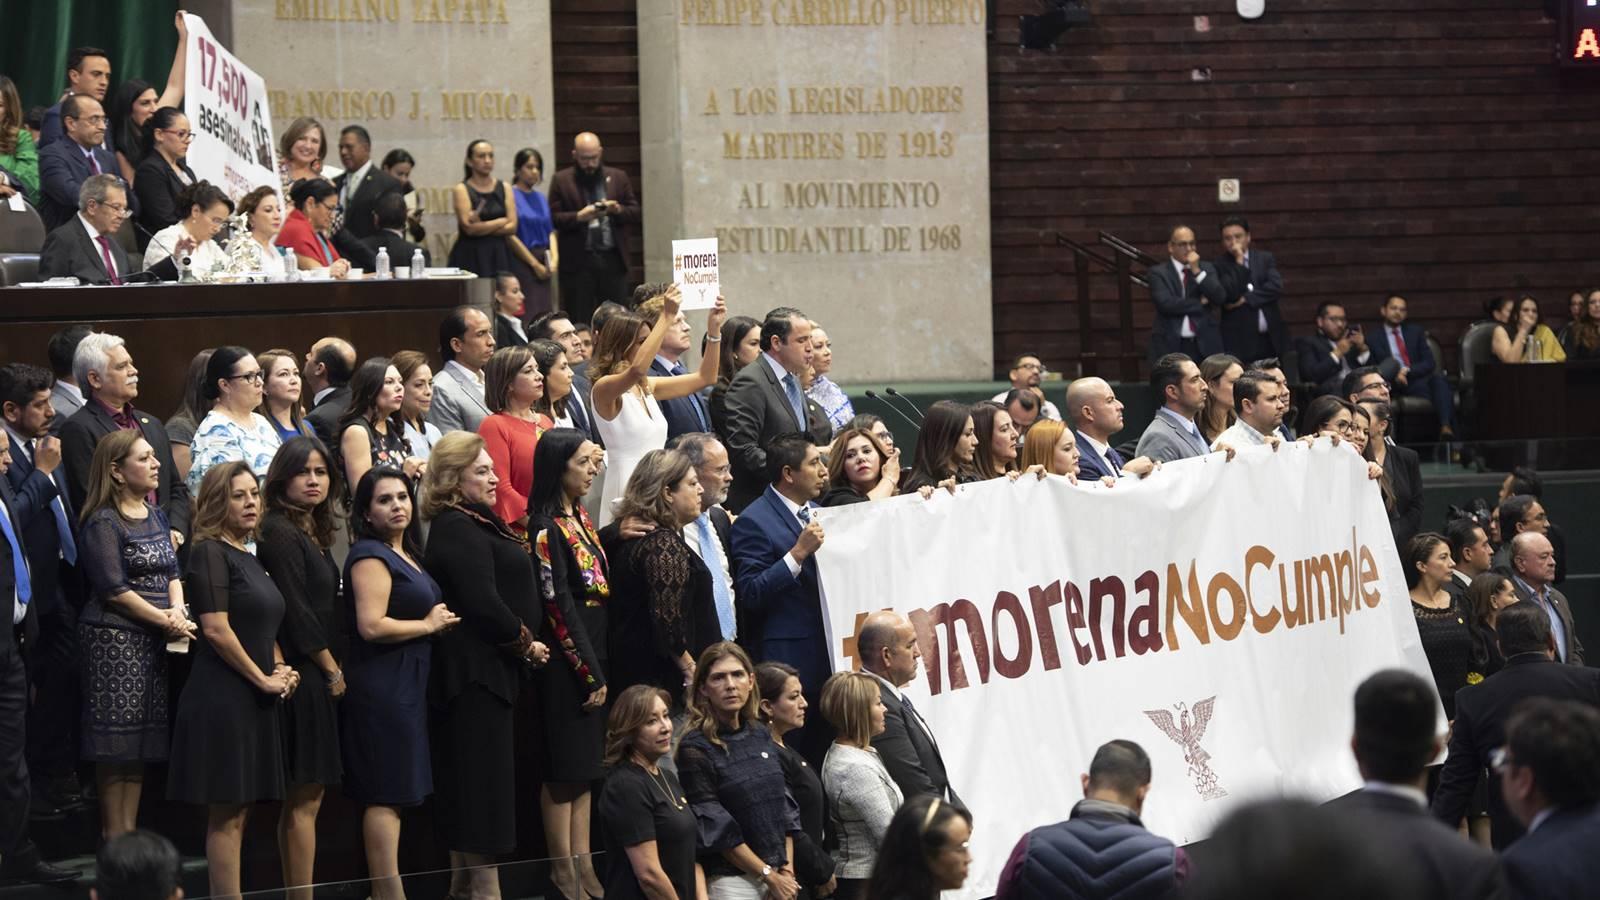 Congreso: 2 años perdidos, acusa oposición; 2 años sin moches, replica Morena